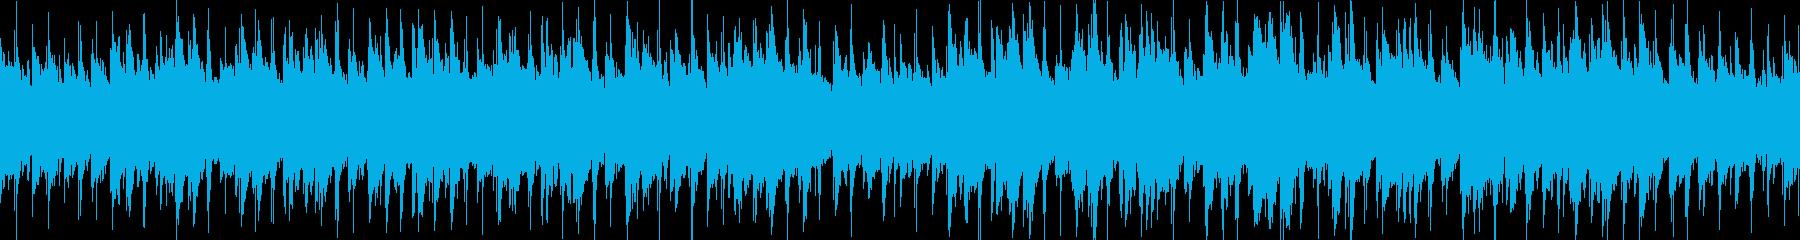 アコギ生演奏アルペジオ優しい海空島映像にの再生済みの波形